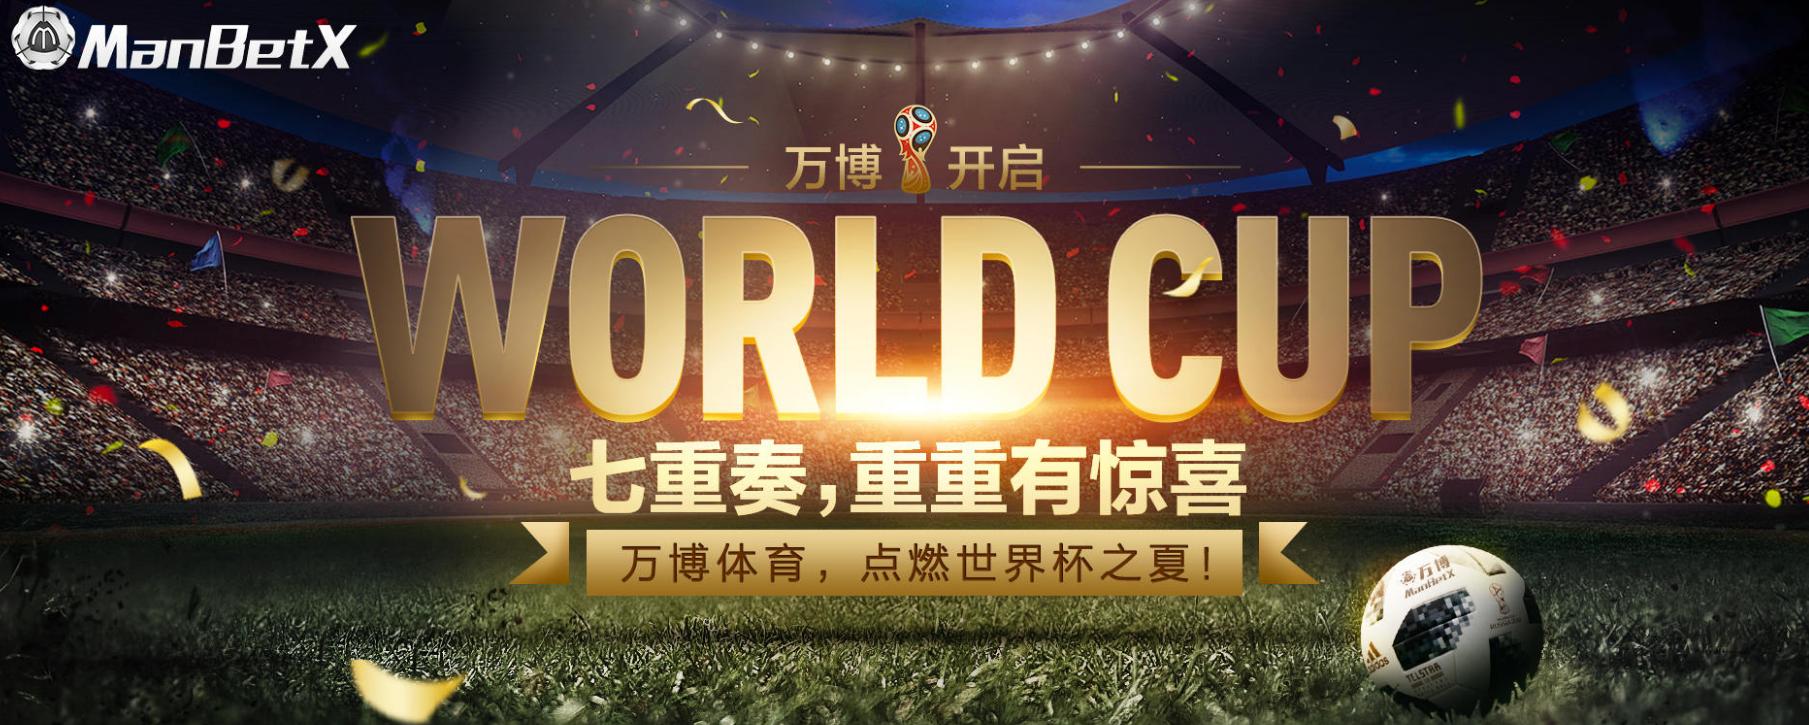 【万博体育ManbetX】2018俄罗斯世界杯半决赛 法国vs比利时